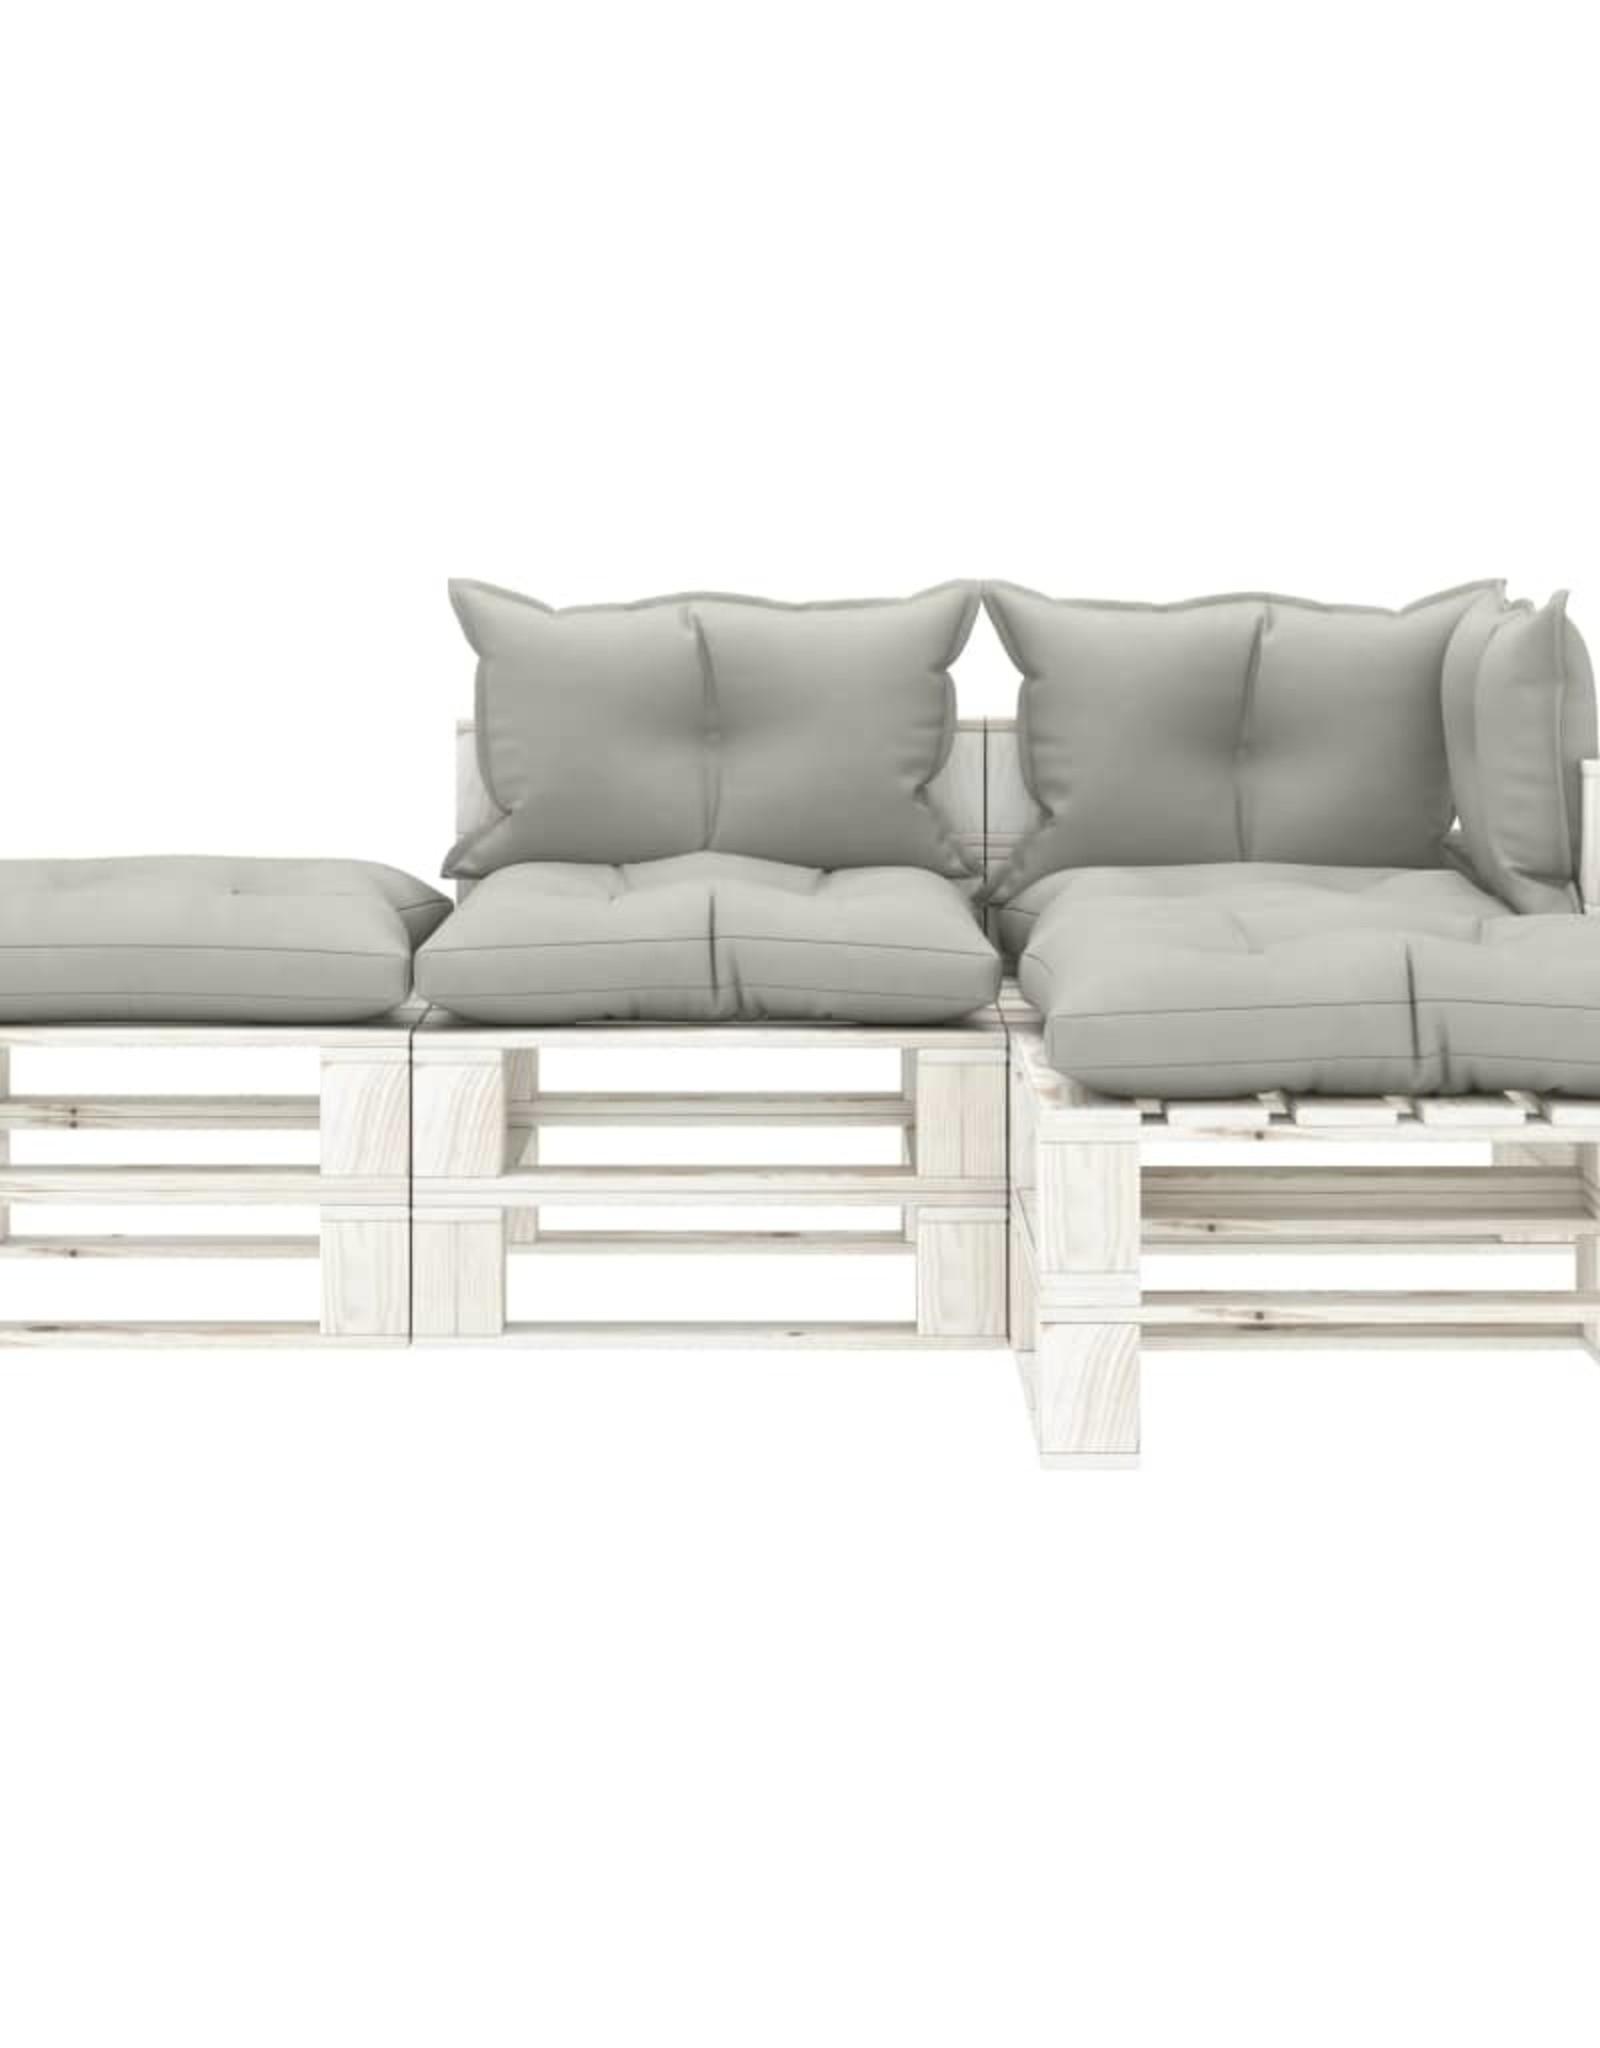 4-delige Loungeset met taupekleurige kussens pallet hout